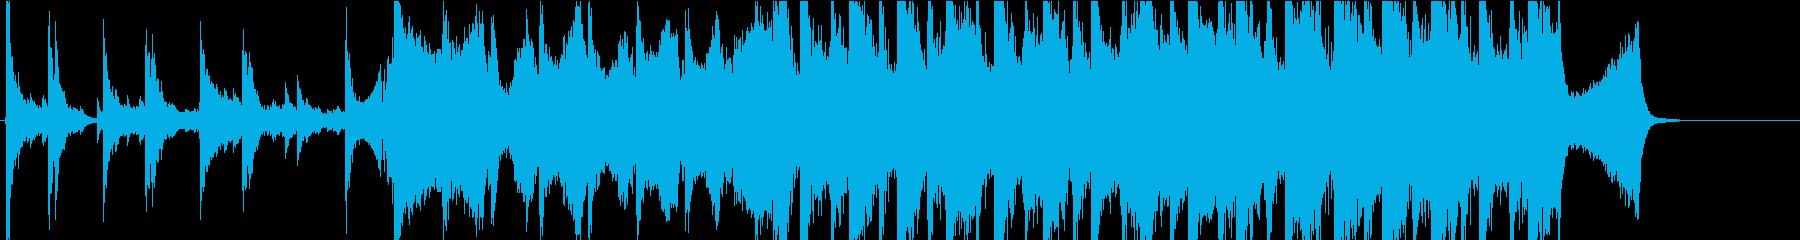 大河的な壮大で感動な映画で流れてそうな曲の再生済みの波形